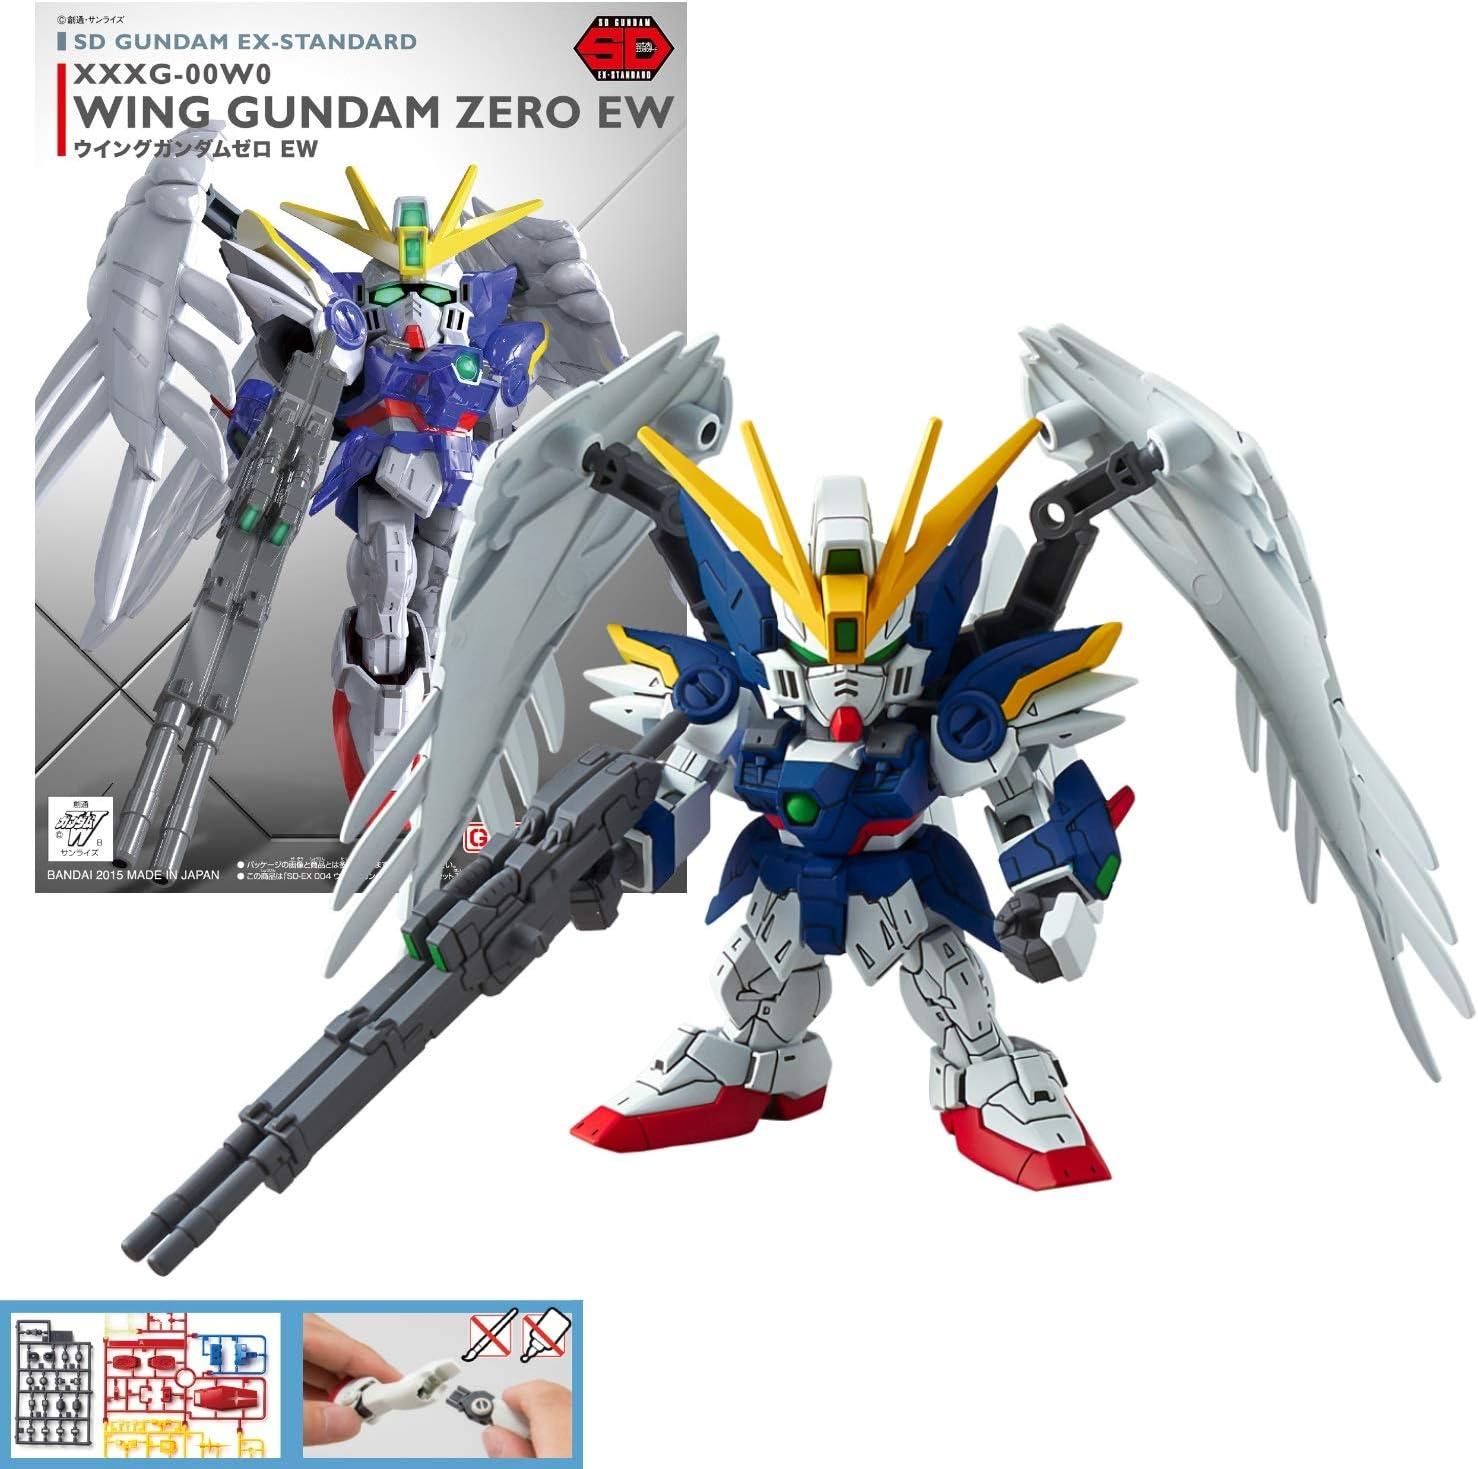 Amazon Com Bandai Gunpla Model Kit Gundam Sd Gundam Ex Standard 004 Wing Gundam Zero Ew Built In Robot Mk57600 5057600 Toys Games